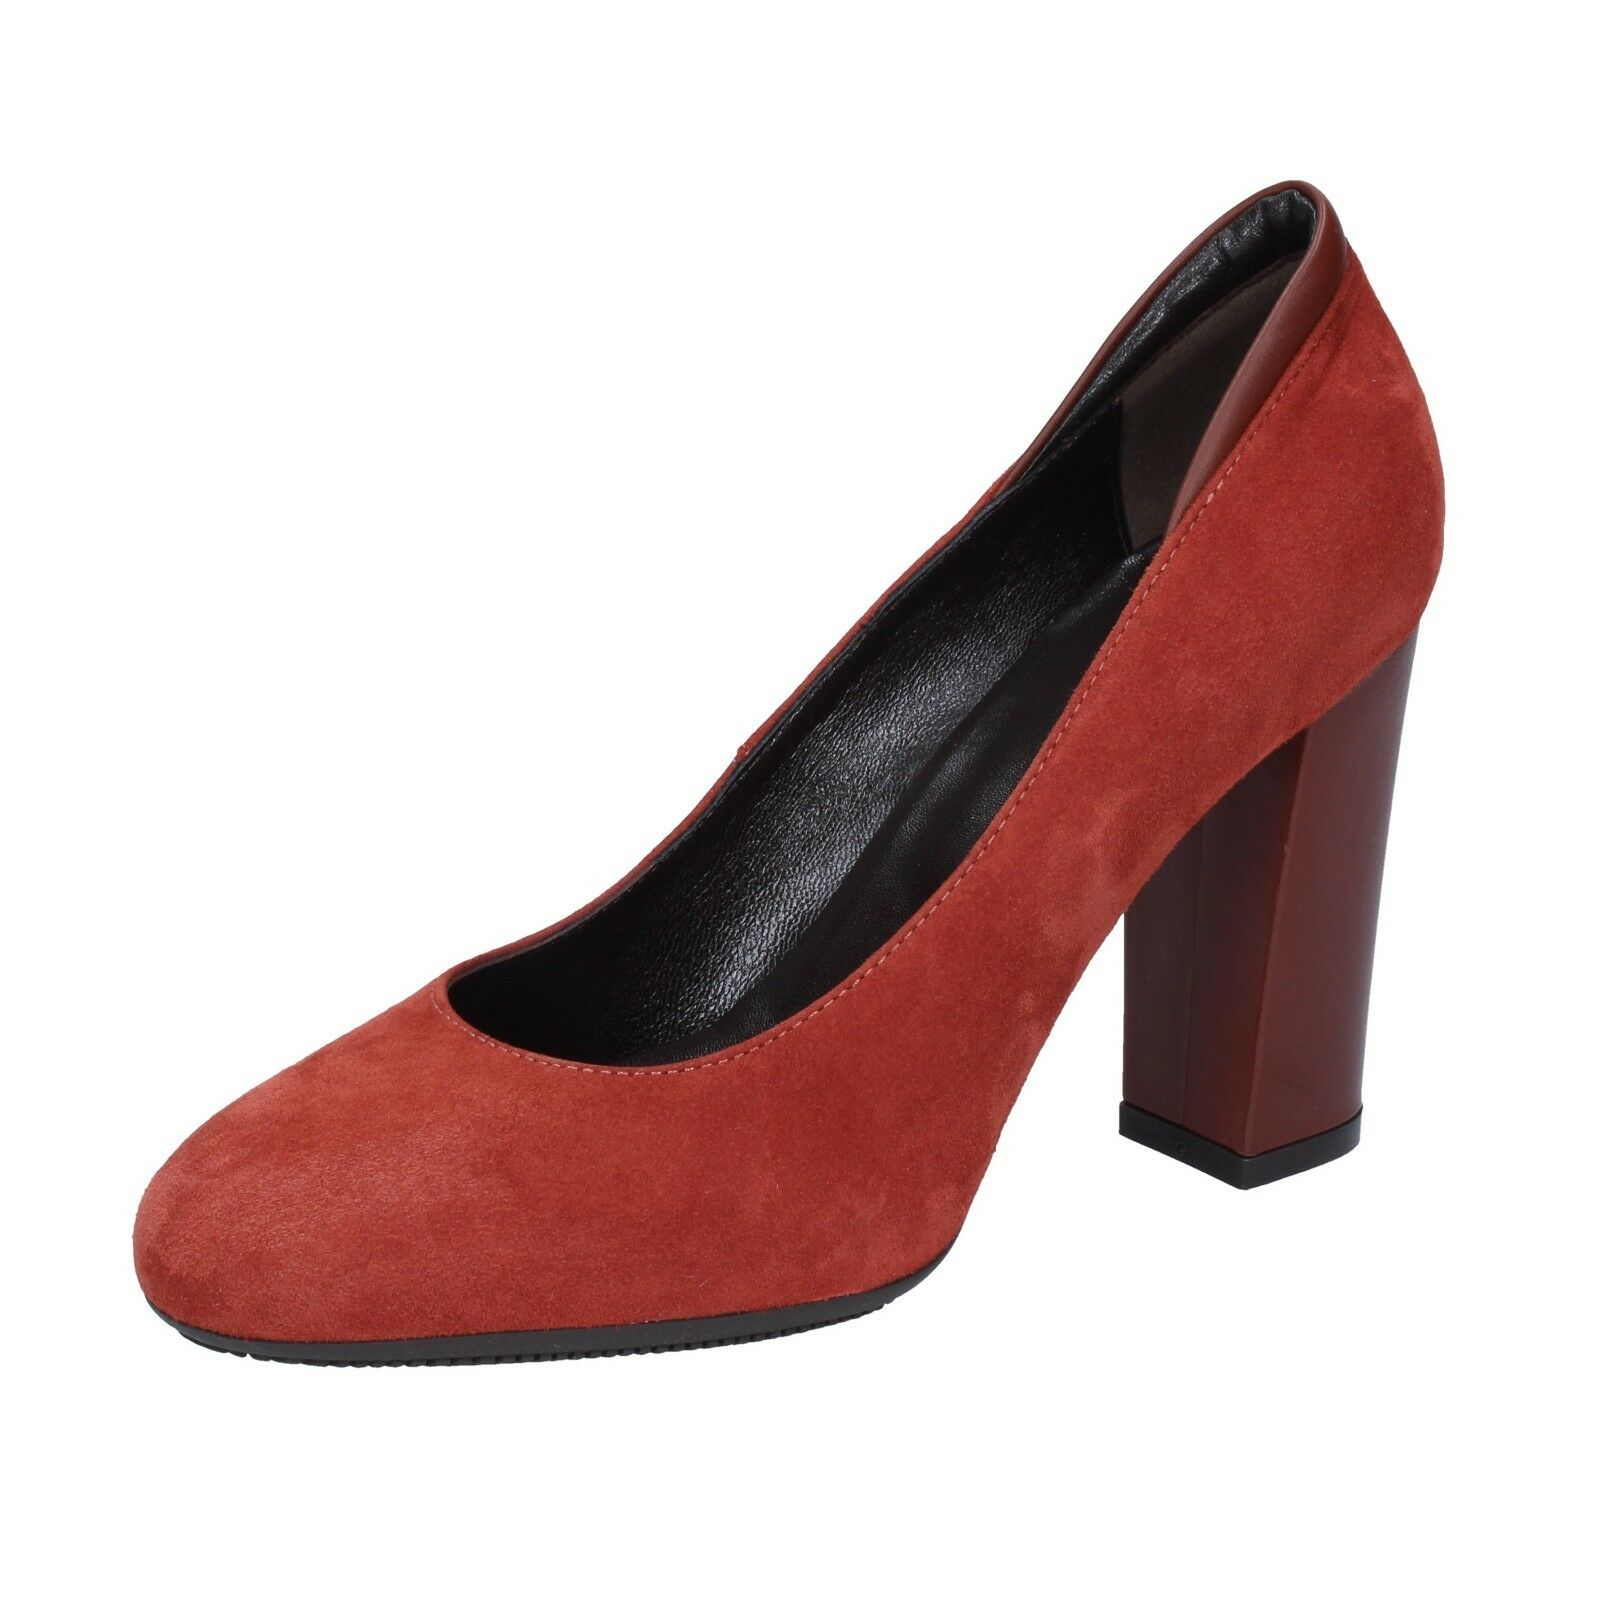 Wohommes chaussures HOGAN 5,5 (EU 35,5) pumps suede marron rouge AZ126-35,5